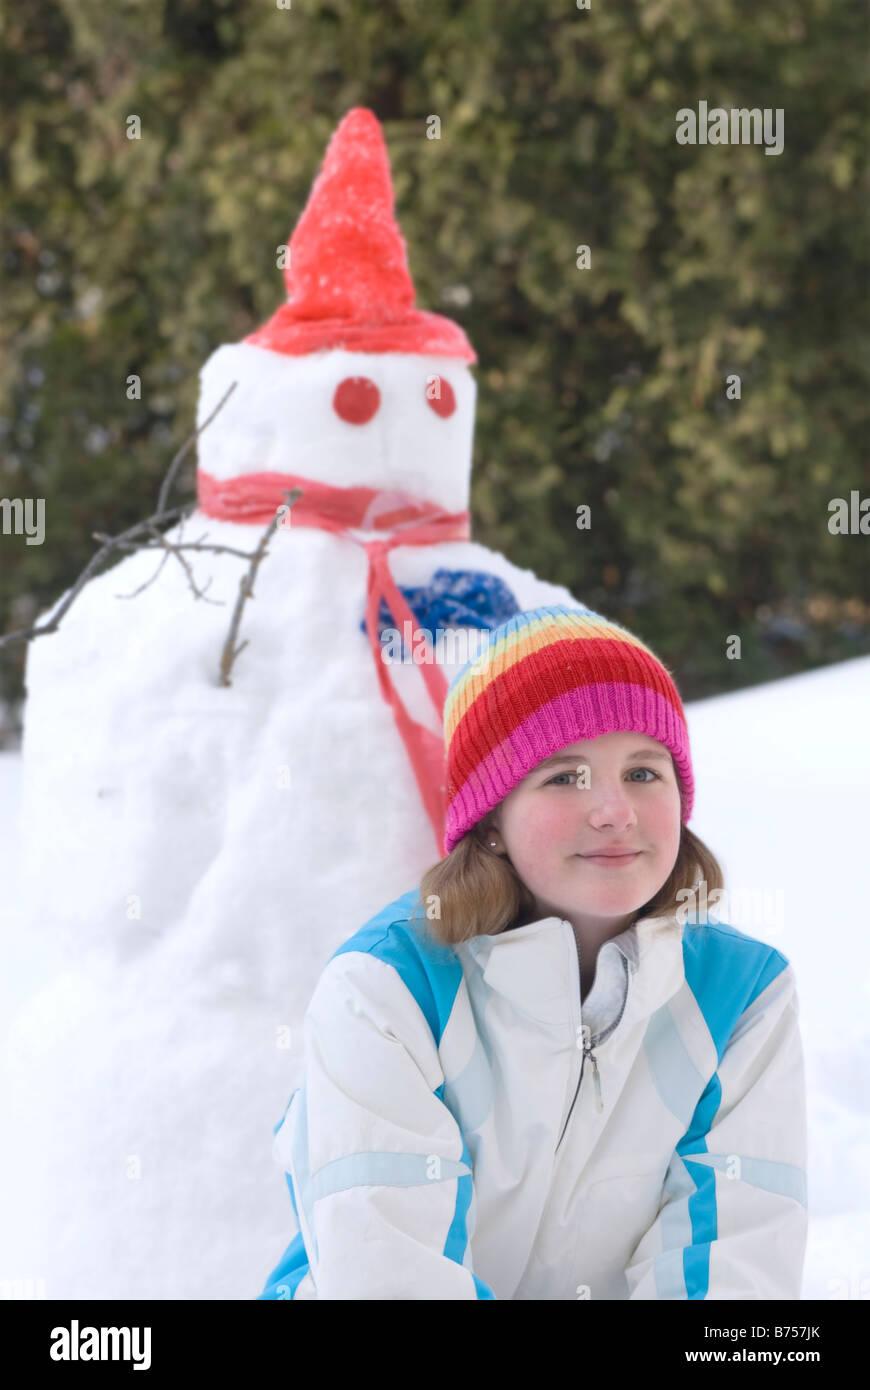 Treize ans, fille agenouillée à côté de snowman, Winnipeg, Canada Photo Stock